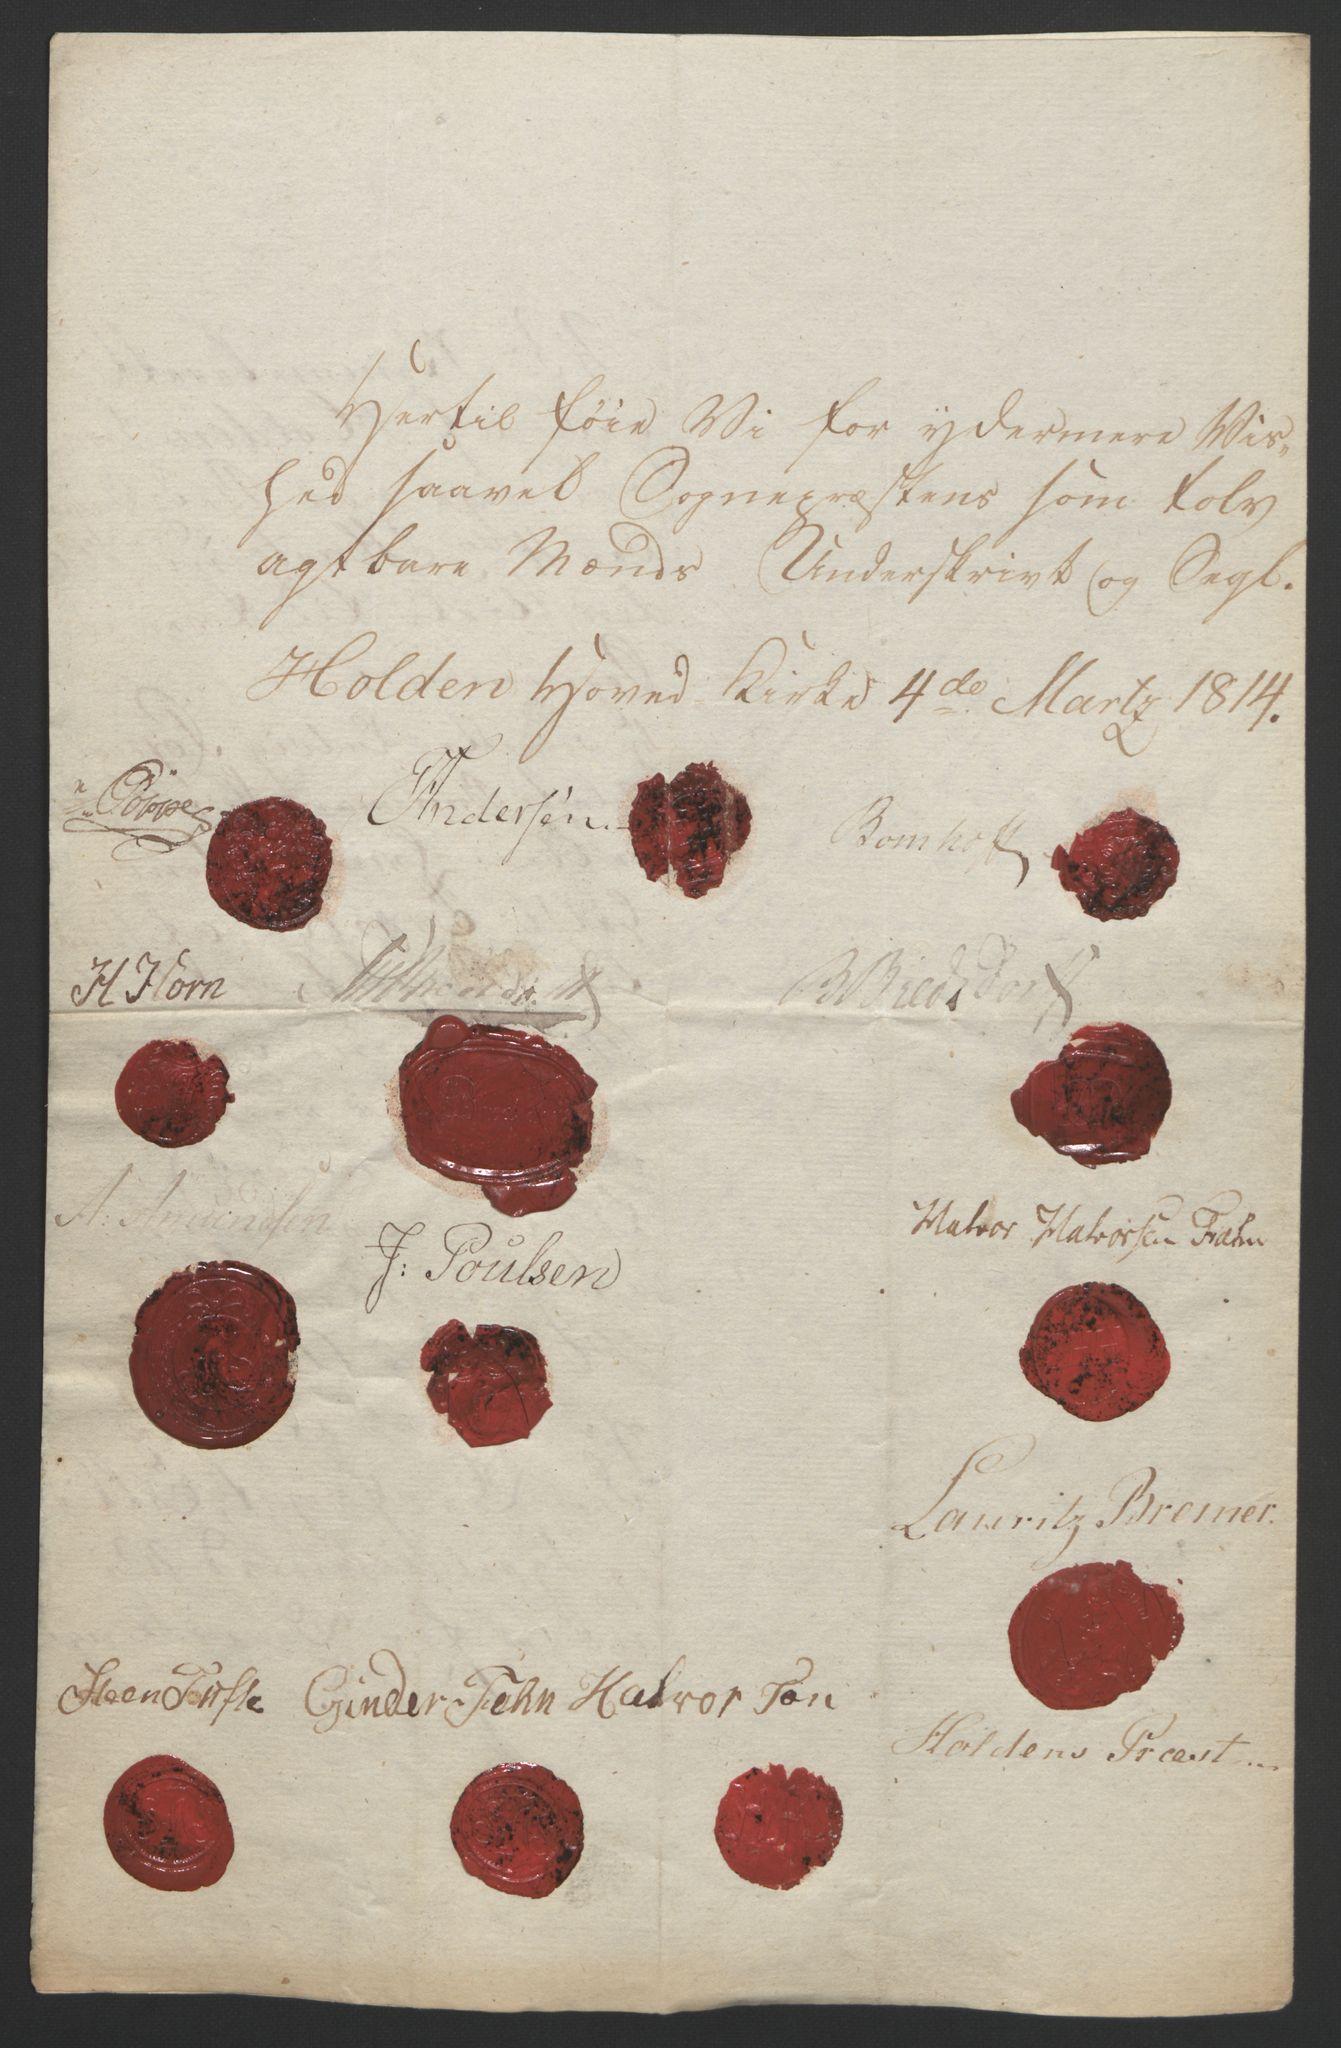 RA, Statsrådssekretariatet, D/Db/L0008: Fullmakter for Eidsvollsrepresentantene i 1814. , 1814, s. 54